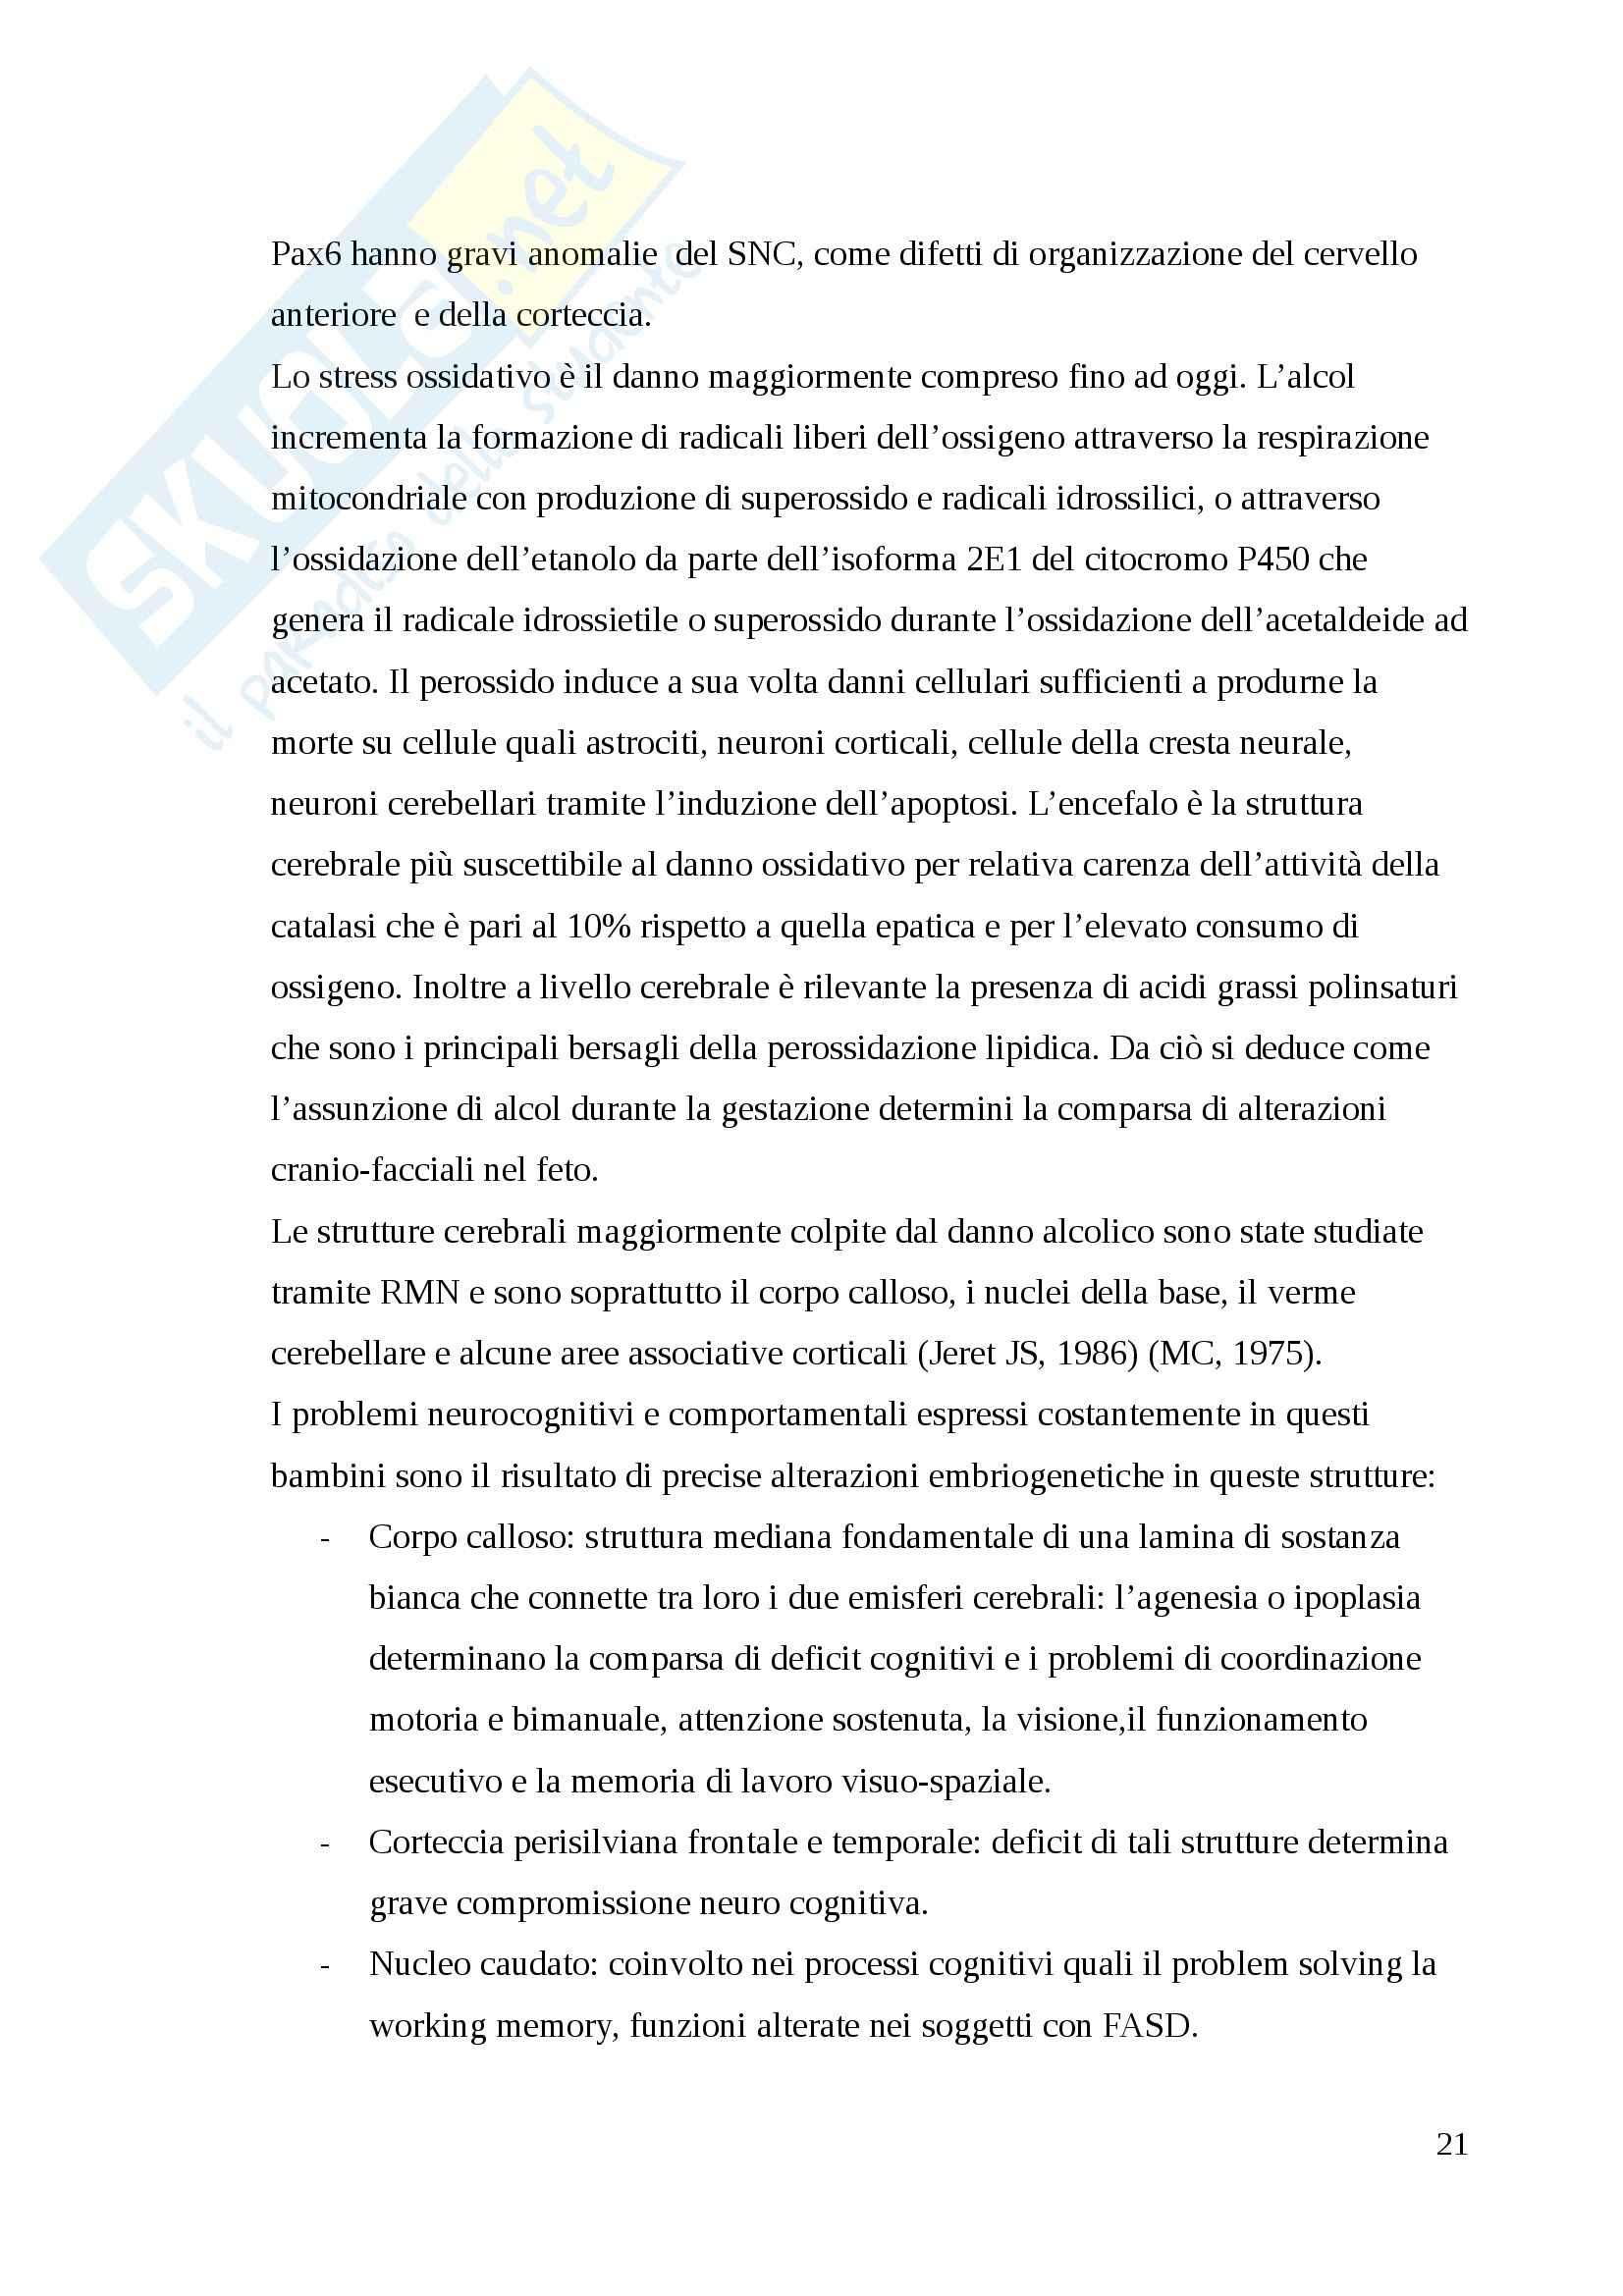 Sindrome fetoalcolica, Pediatria Pag. 21